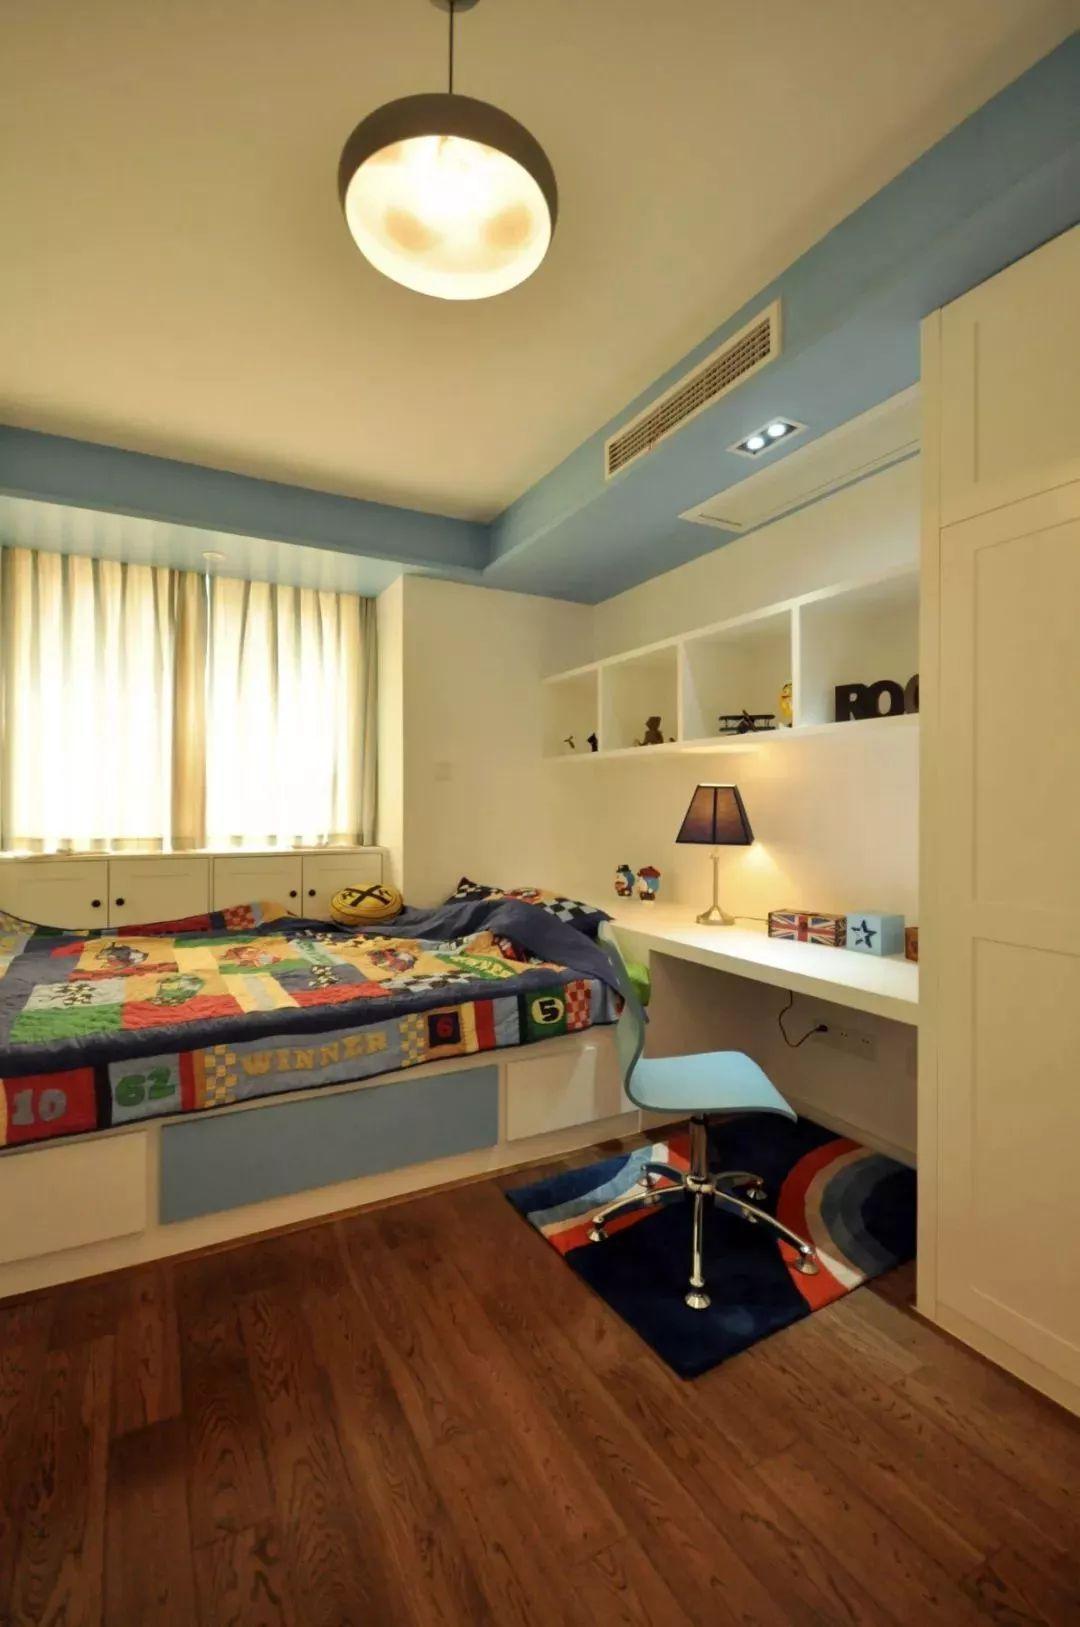 榻榻米床 衣柜组合设计,书桌这采用成品的设计,整体更加的舒适.图片